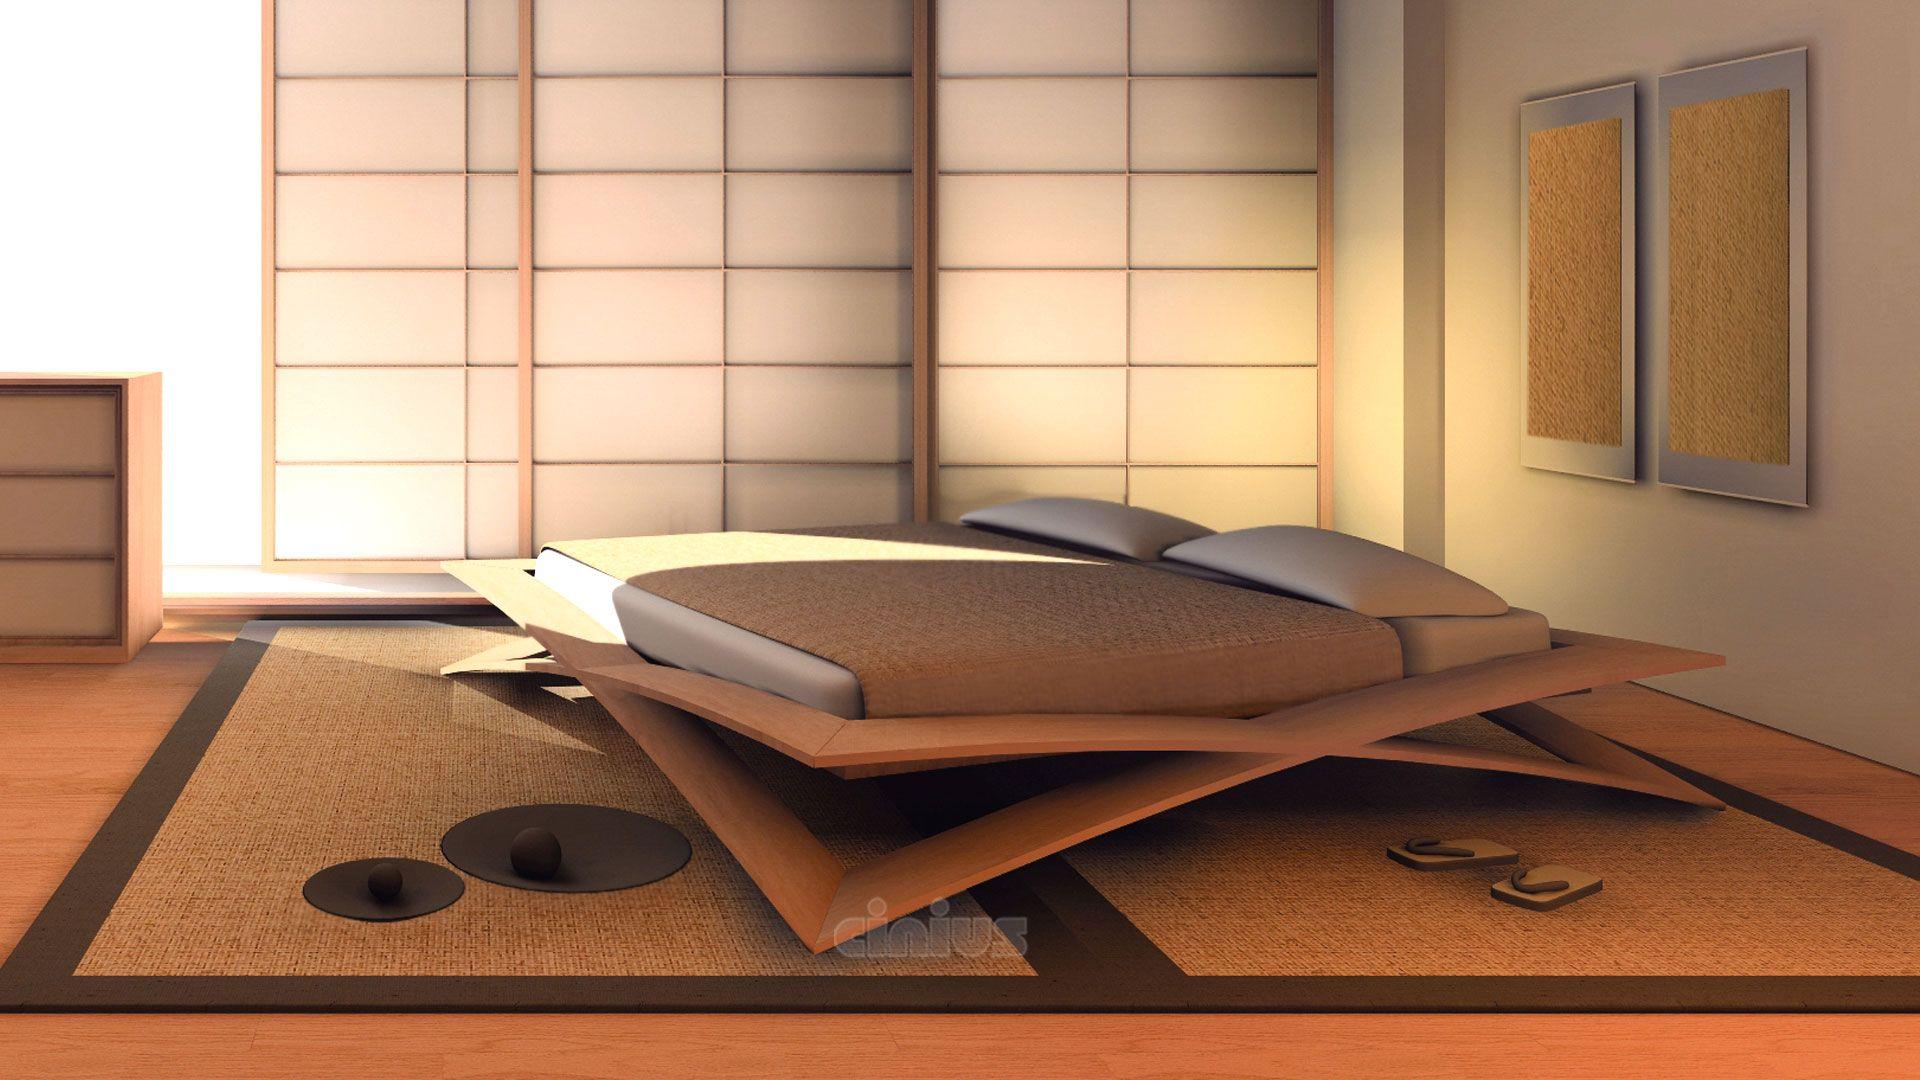 Camera Giapponese Con Letto Artigianale Loto Di Cinius Interior Design Giapponese Design Della Camera Da Letto Design Di Mobili